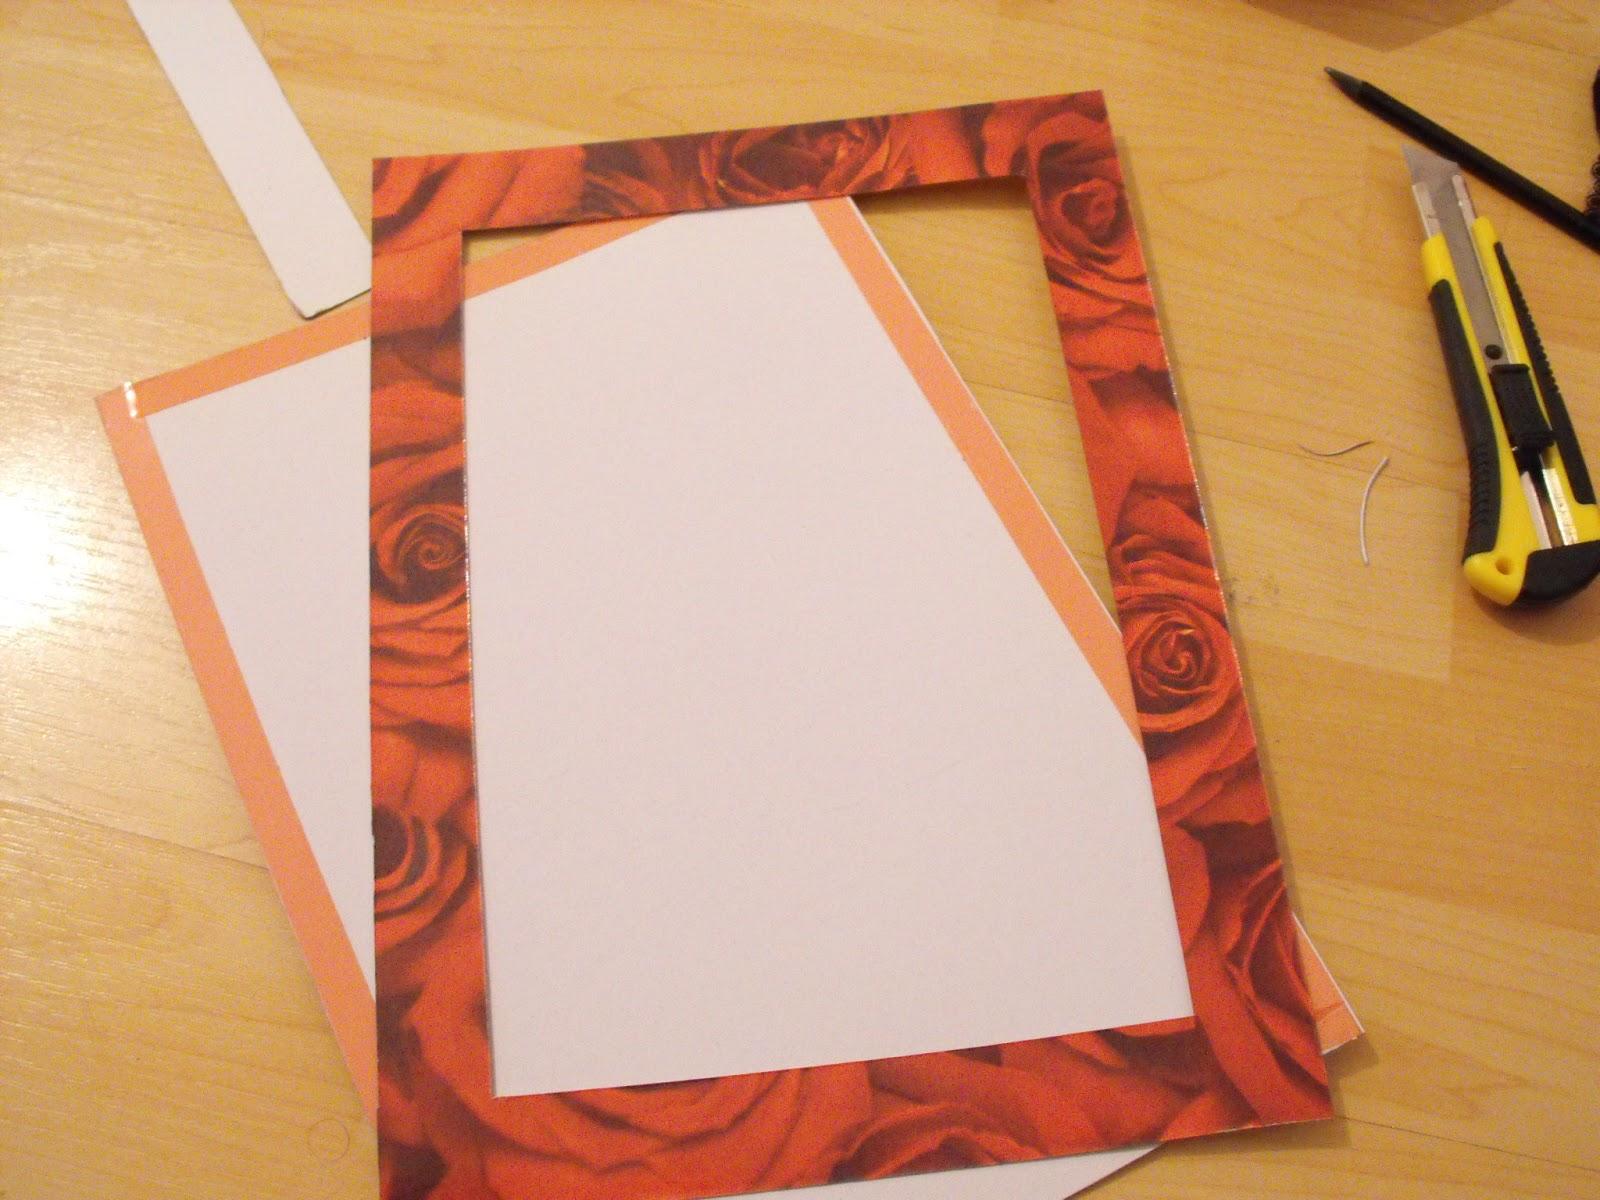 die chaosprinzessin: [Anleitung] Einschub-Rahmen aus Pappe